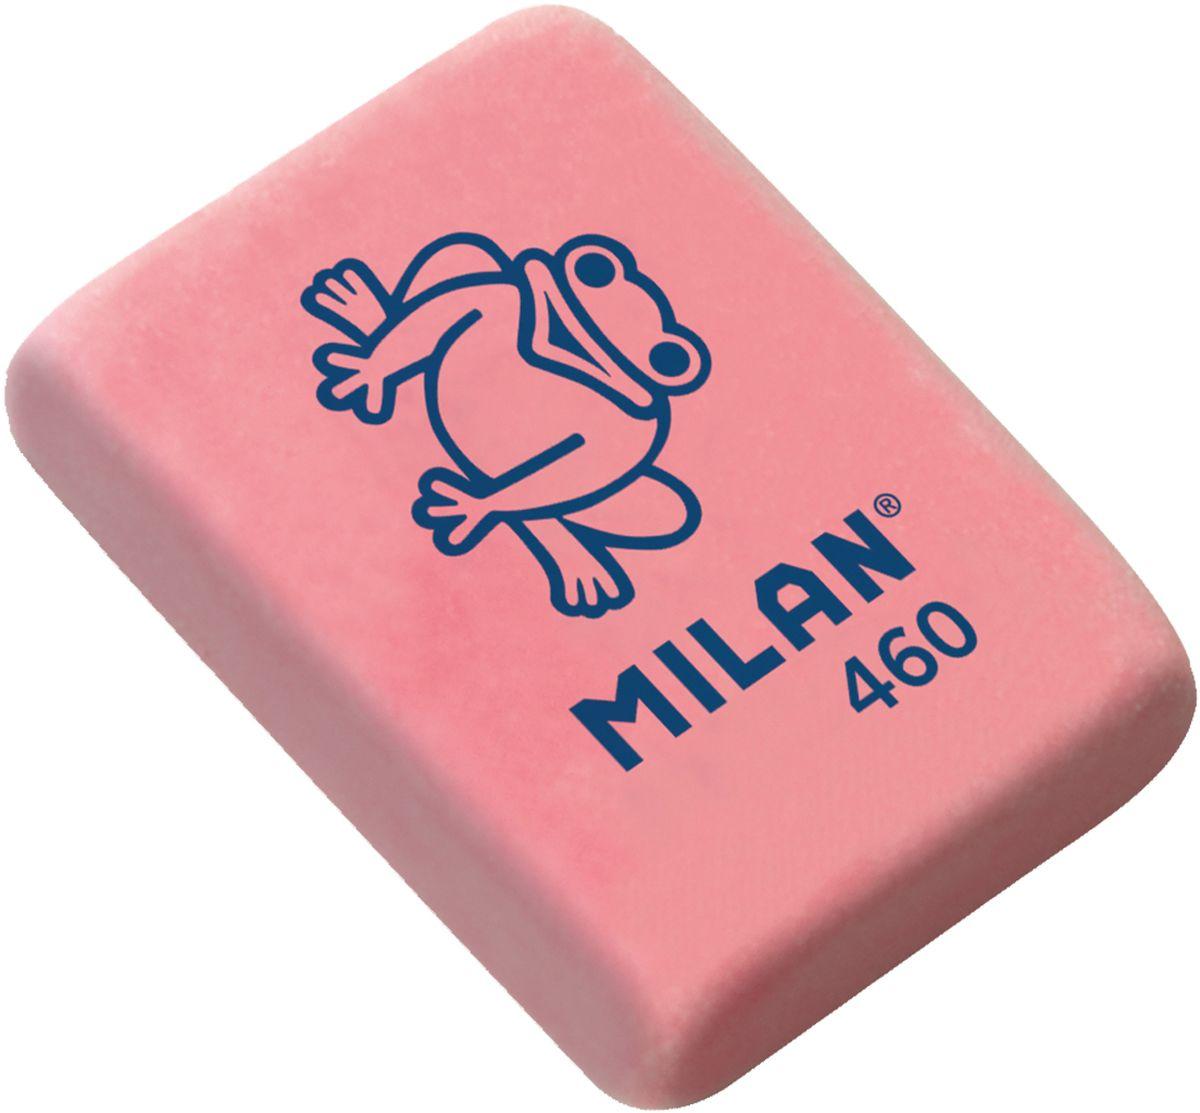 Milan Ластик 460 цвет красный72523WDЛастик Milan с плотной структурой для эффективного стирания карандашей различной твердости. Ластик обеспечивает высокое качество коррекции и не повреждает поверхность бумаги.